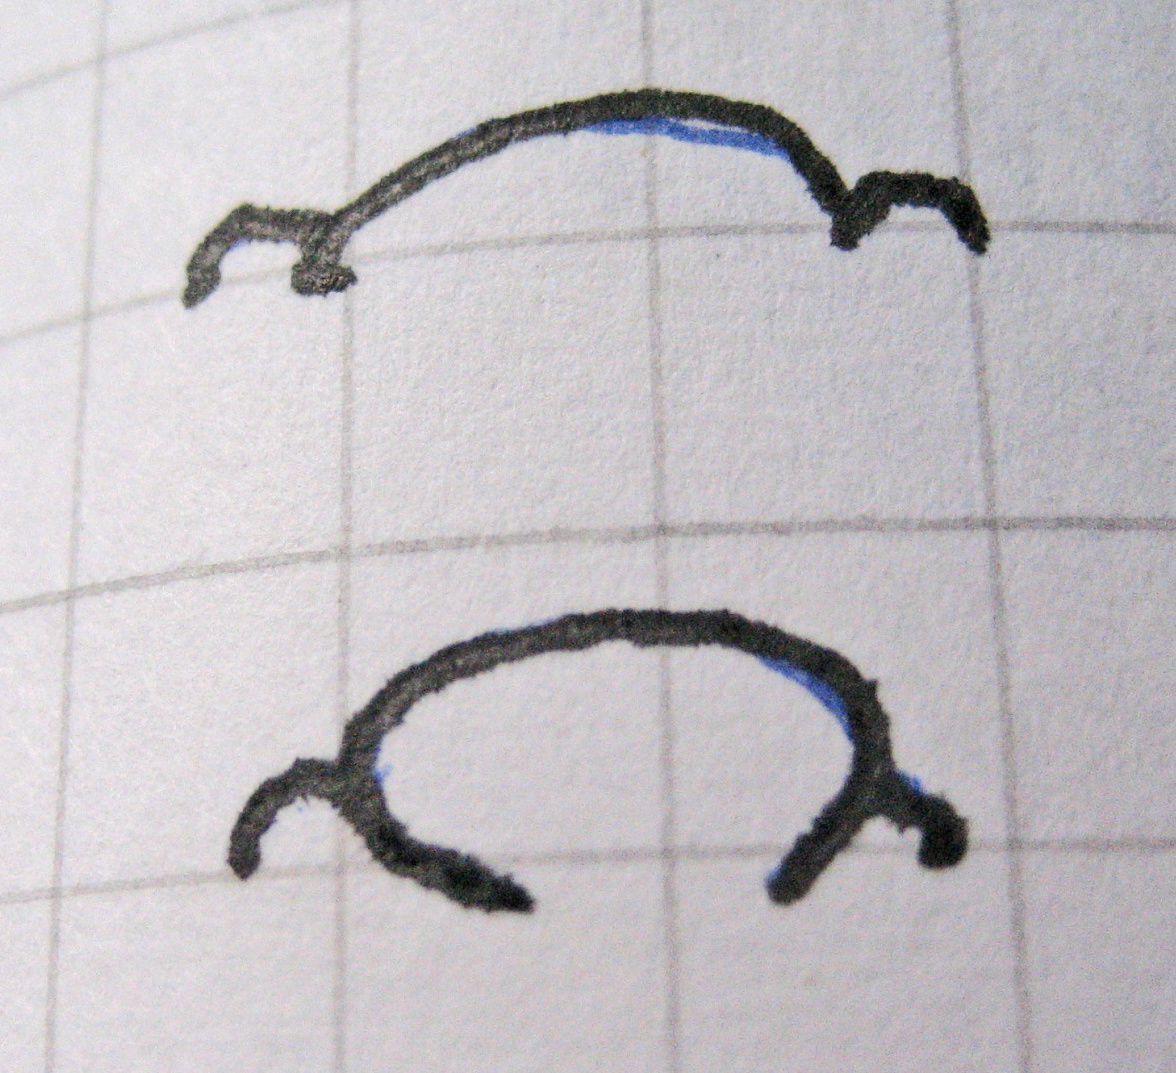 1er dessin  En haut à gauche, Ongles courts larges et plats avec phalange spatulé courte et plate  Impulsivité, violence (héréditaire ou organique)